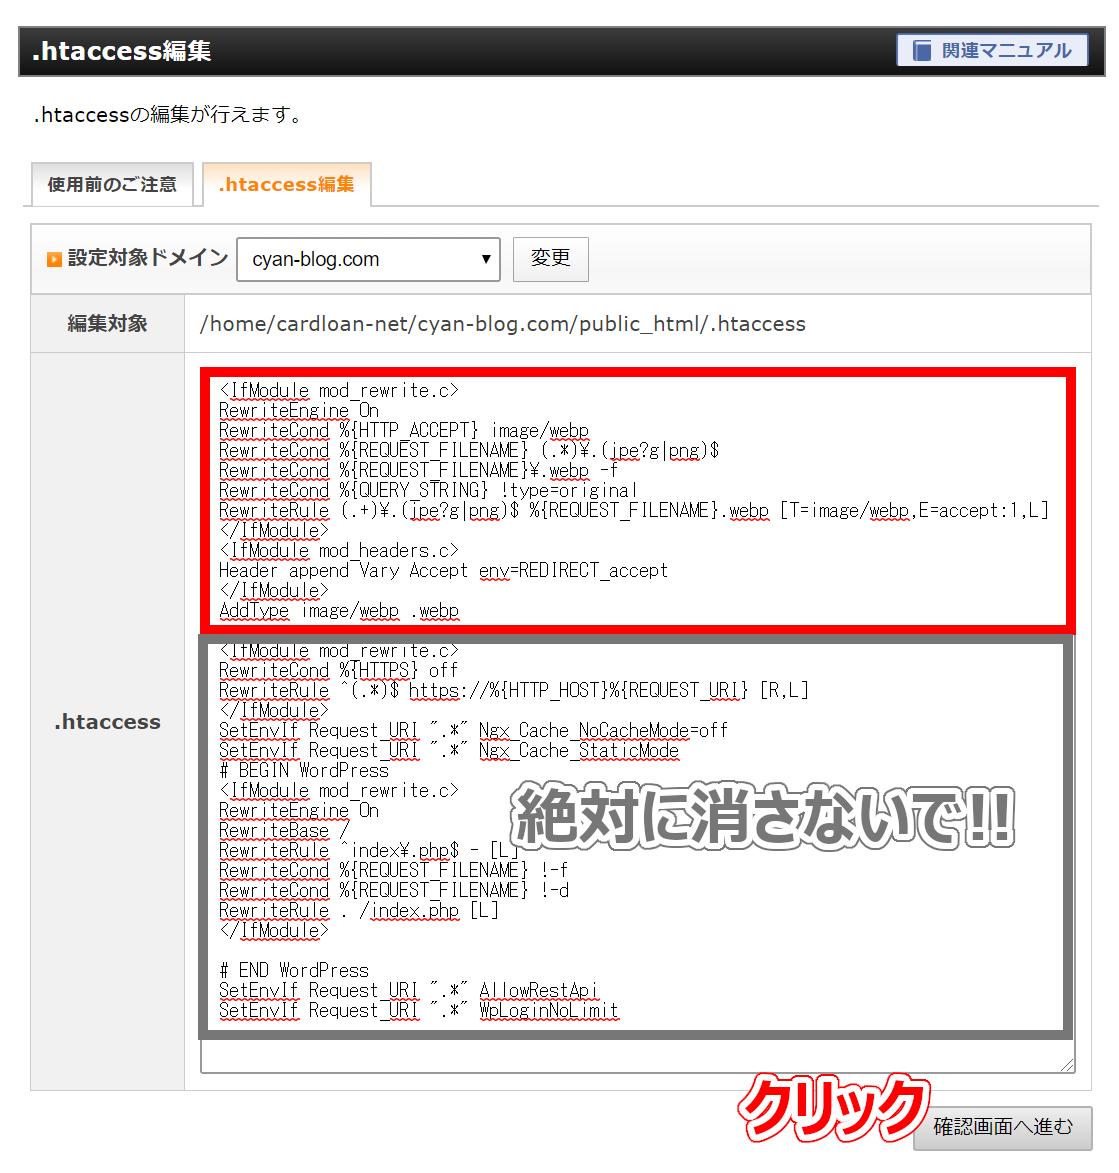 エックスサーバー「.htaccess編集」にWebP変換するコードを追記